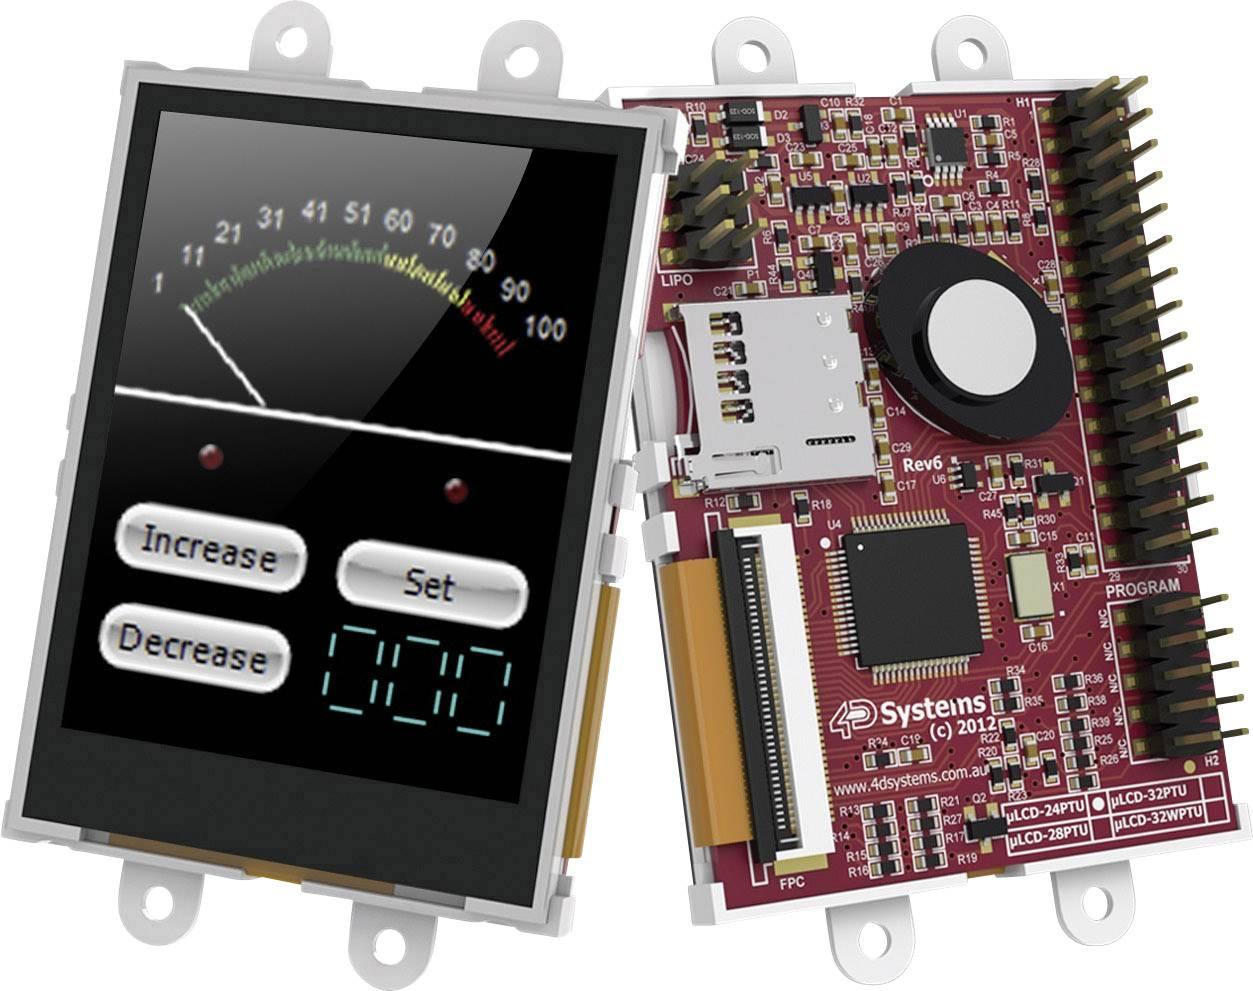 Vývojová deska 4D Systems uLCD-24PTU